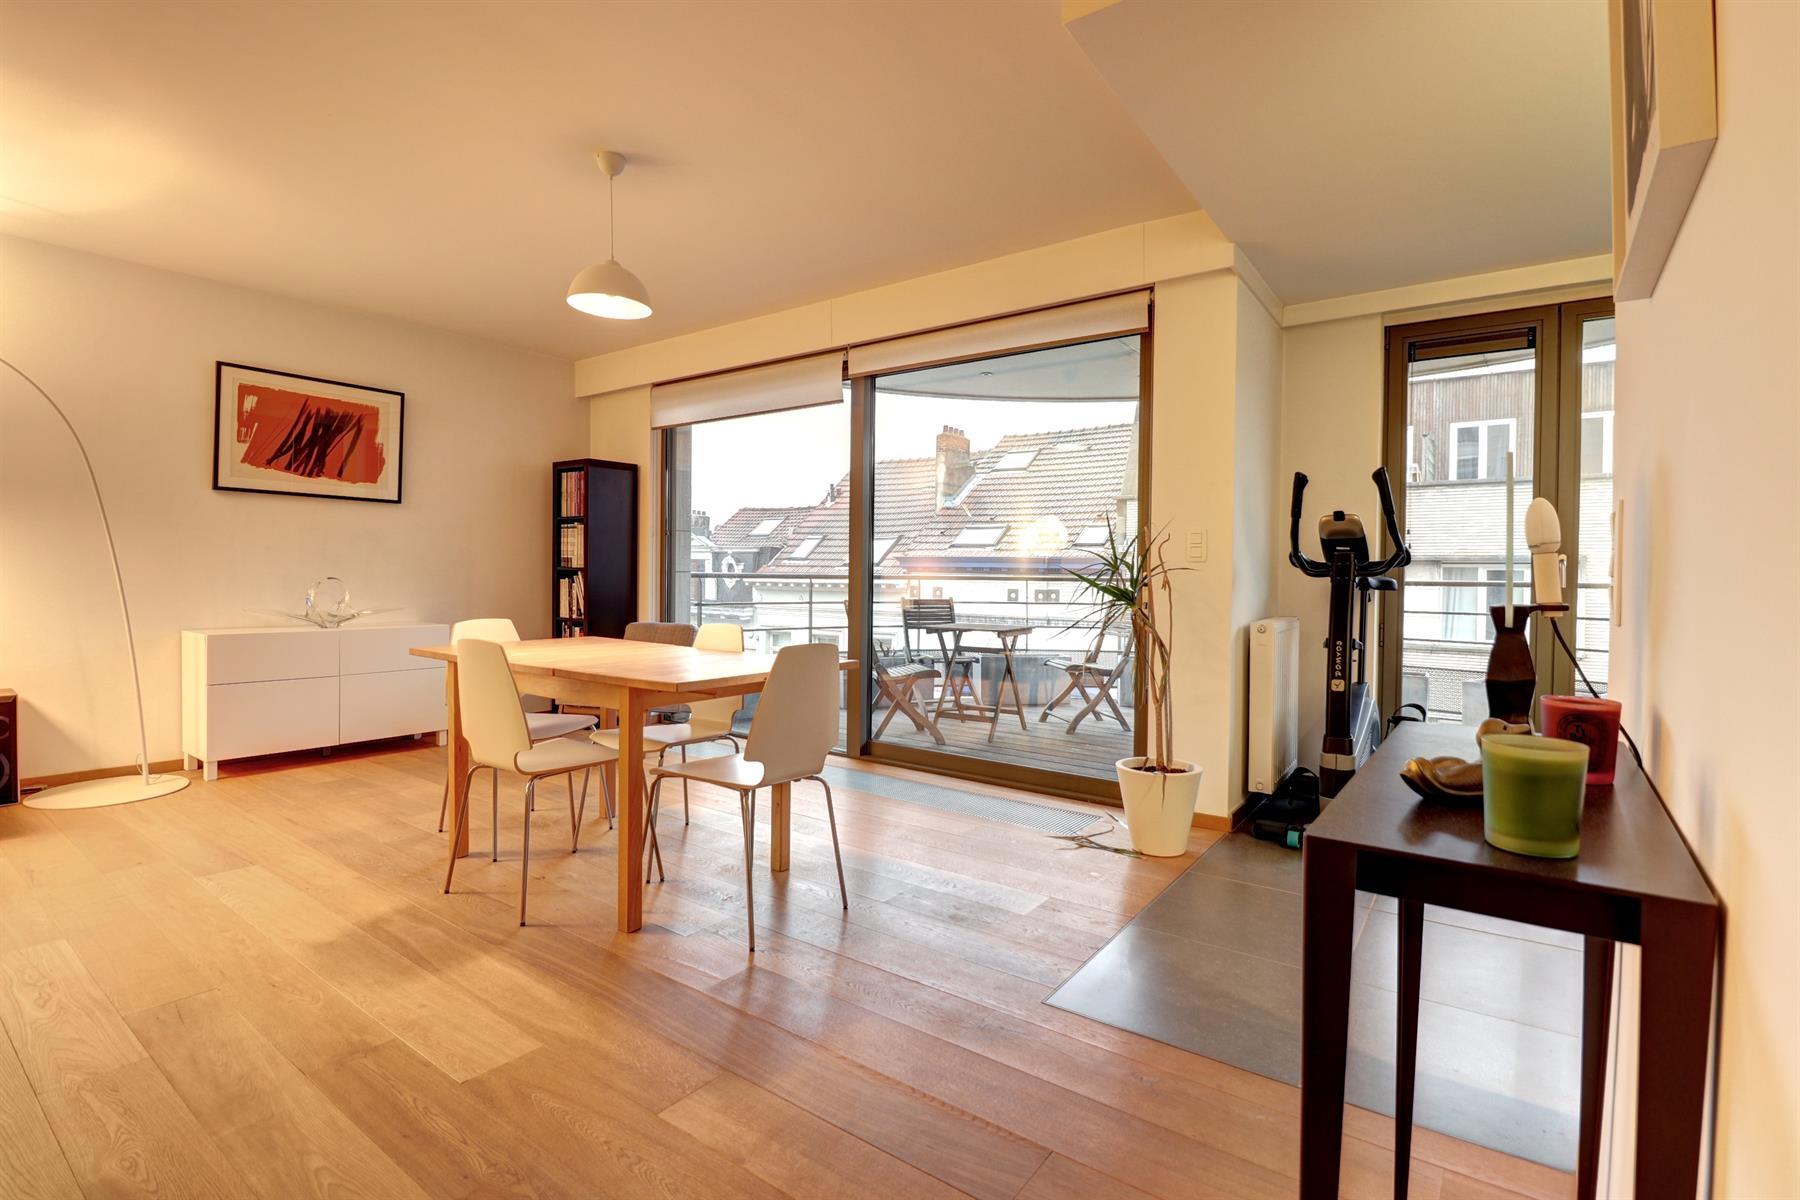 Flat - Ixelles - #4225896-12